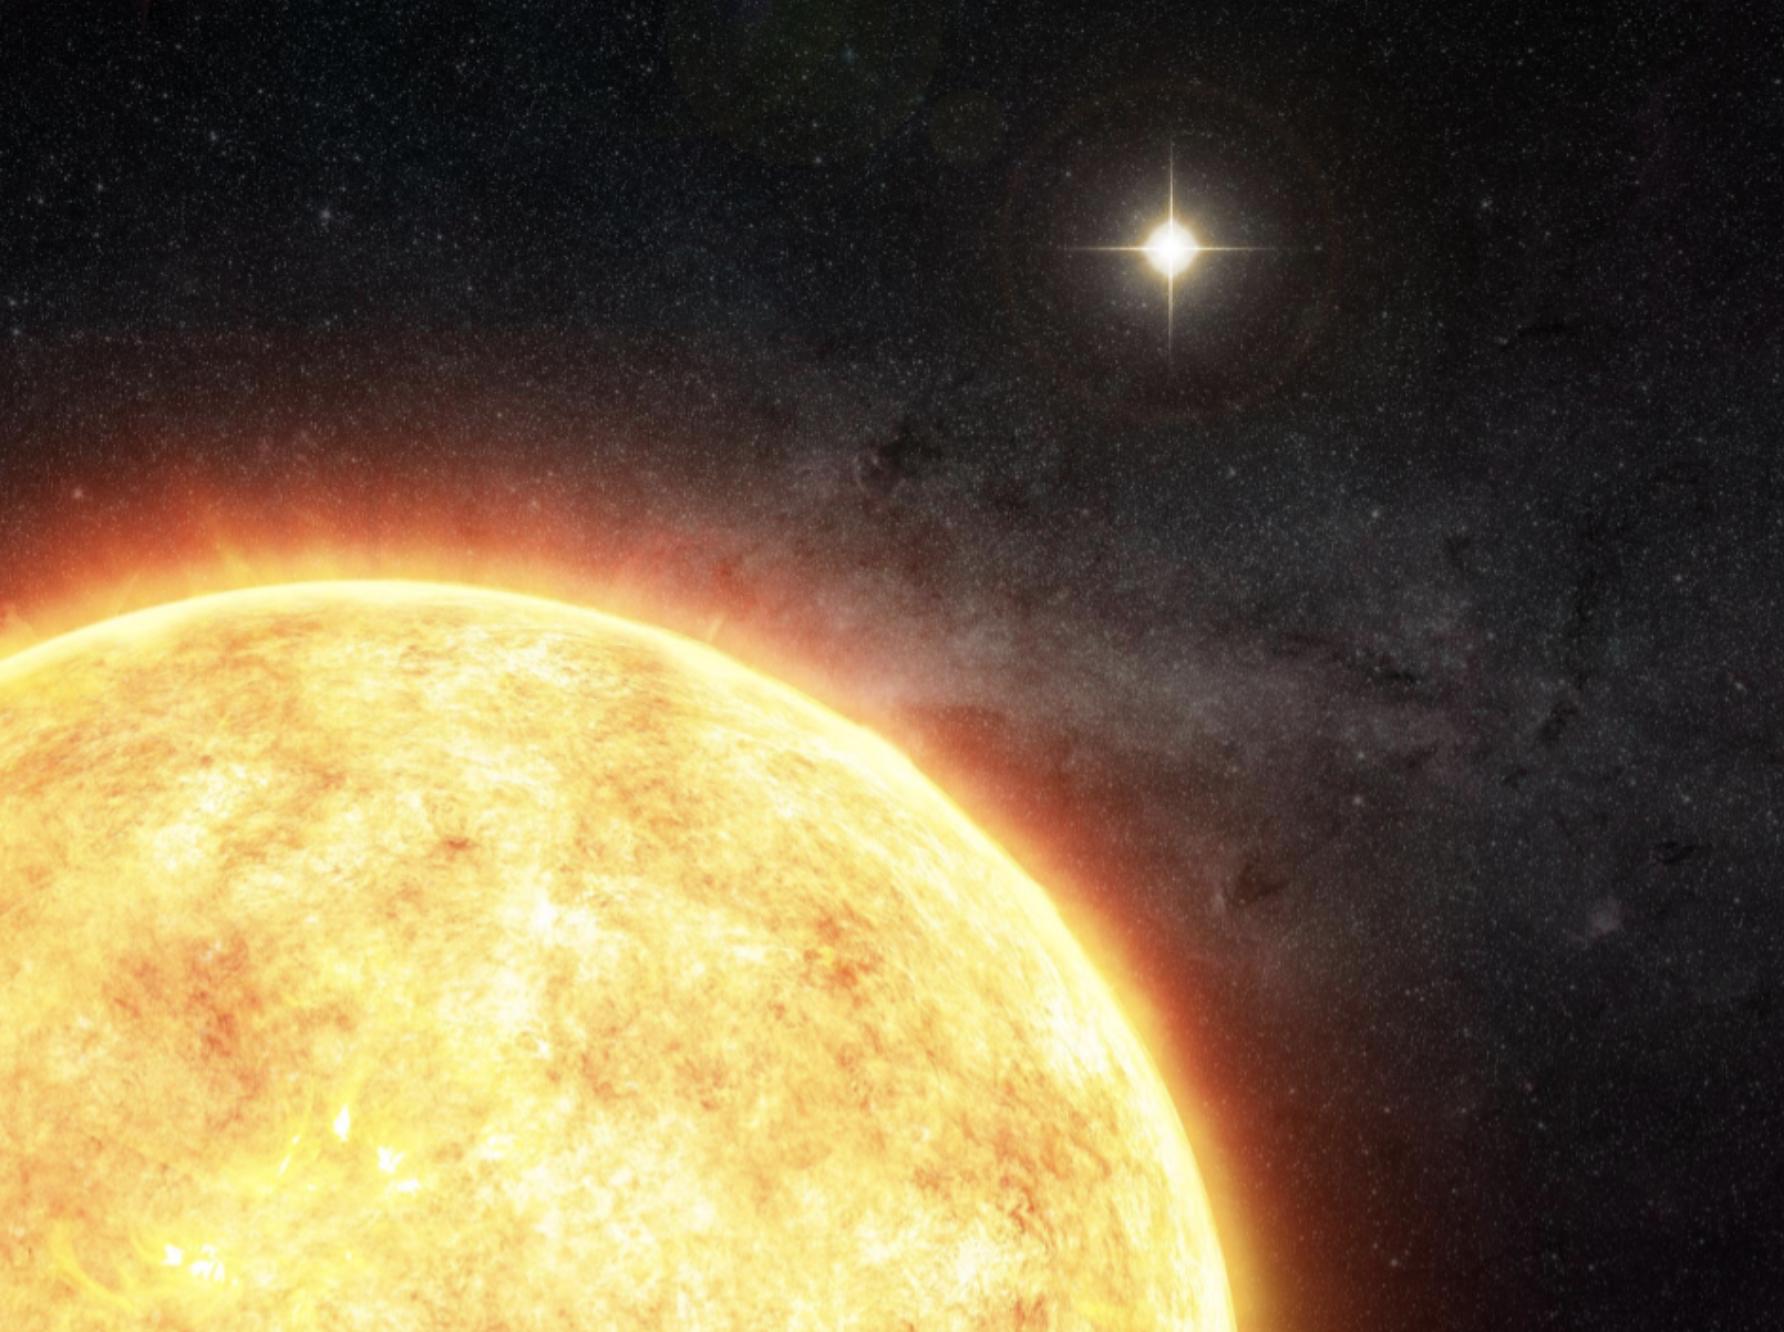 El Sol pudo haber comenzado su vida con un compañero binario